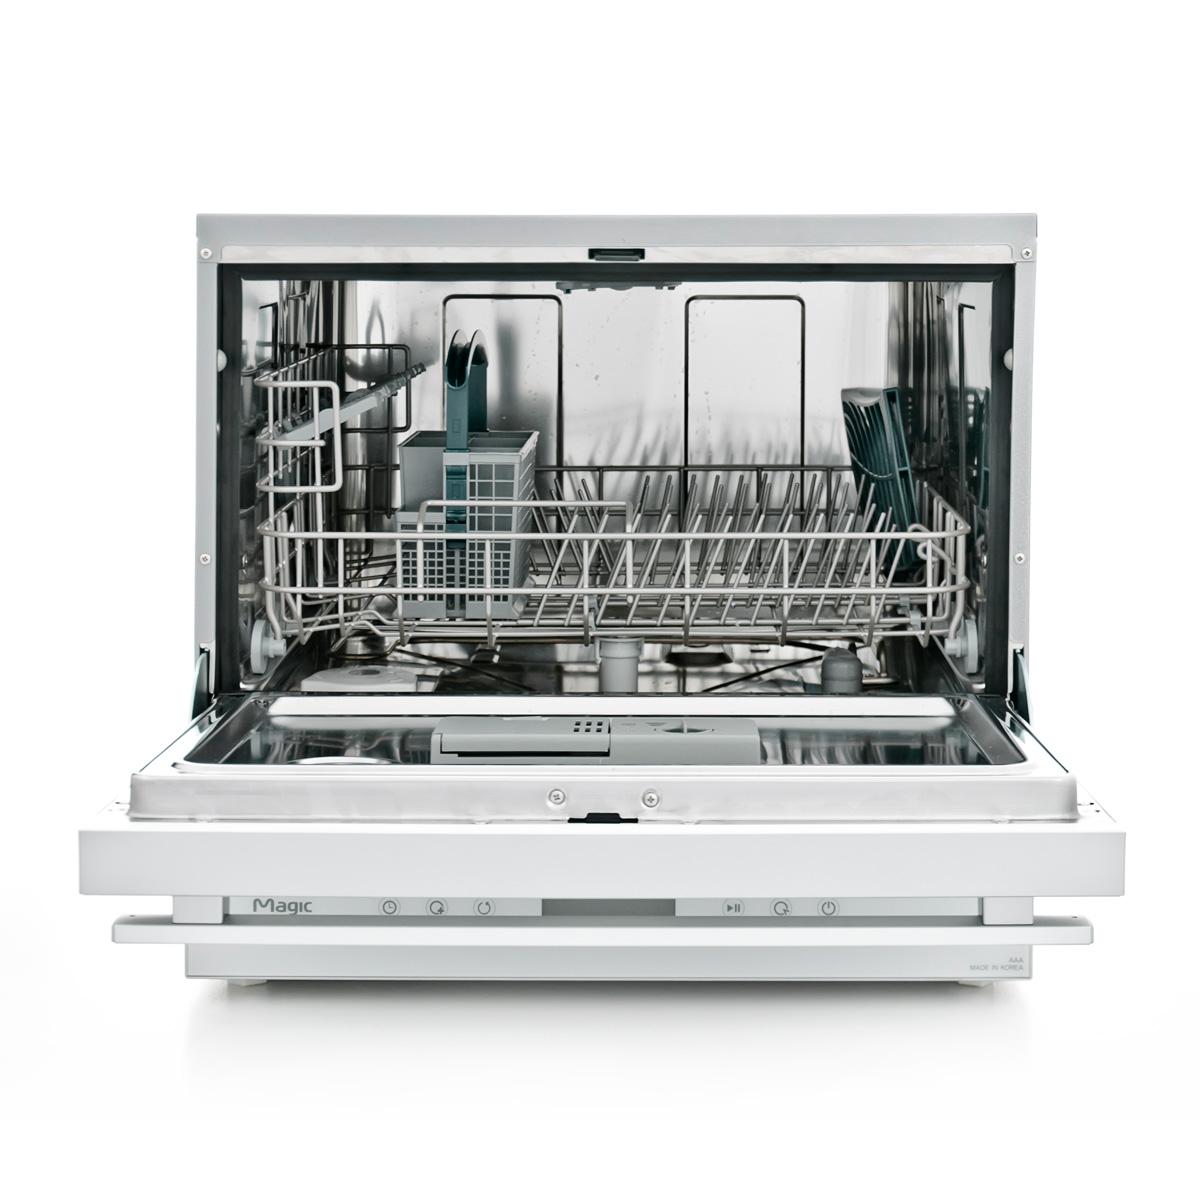 ماشین ظرفشویی رومیزی مجیک مدل DWA2195